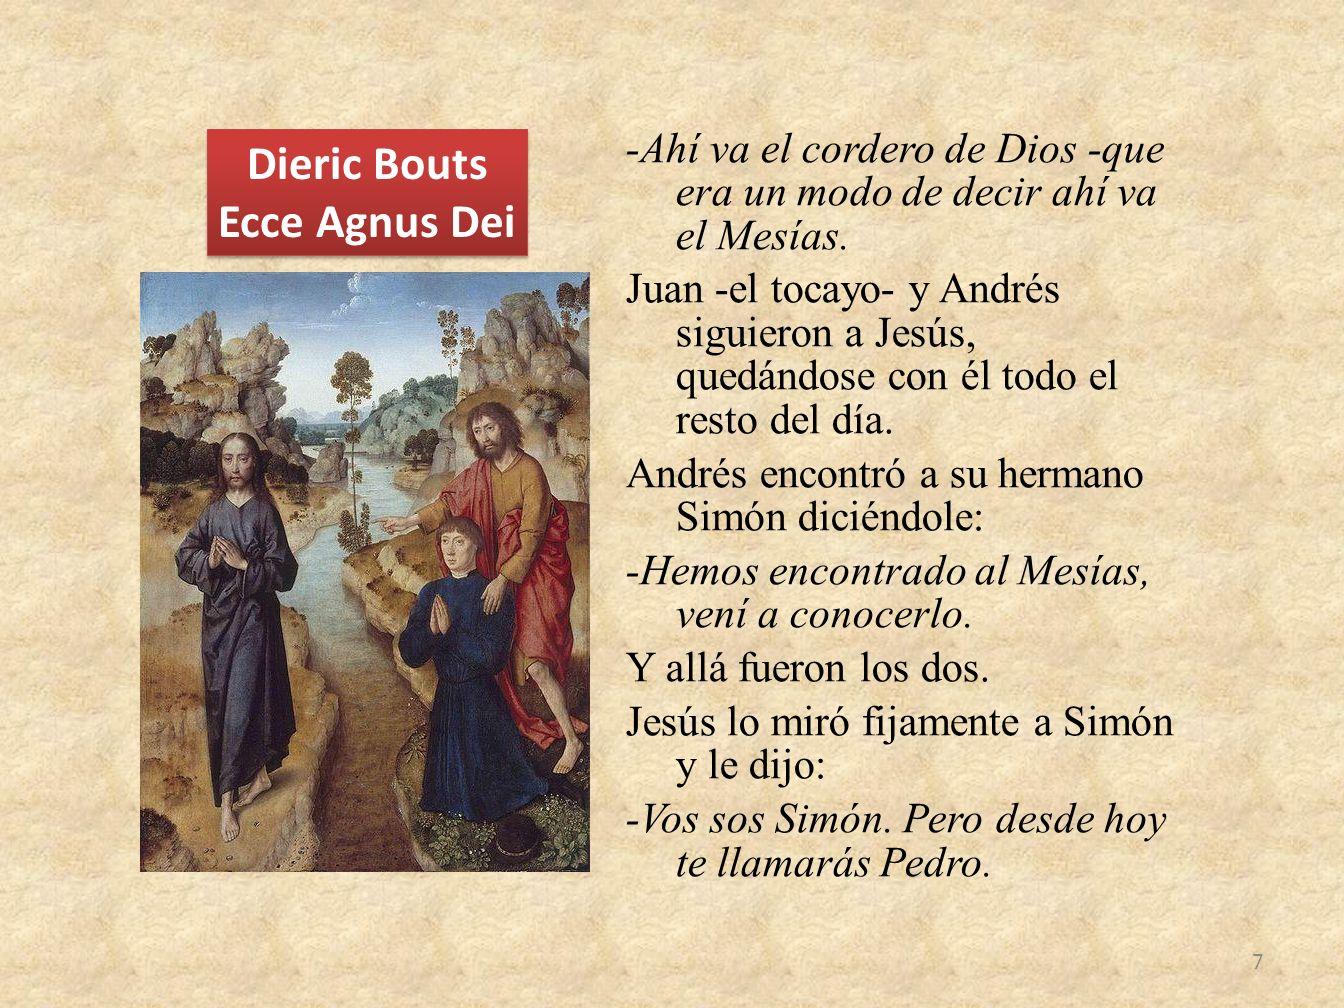 Dieric Bouts Ecce Agnus Dei